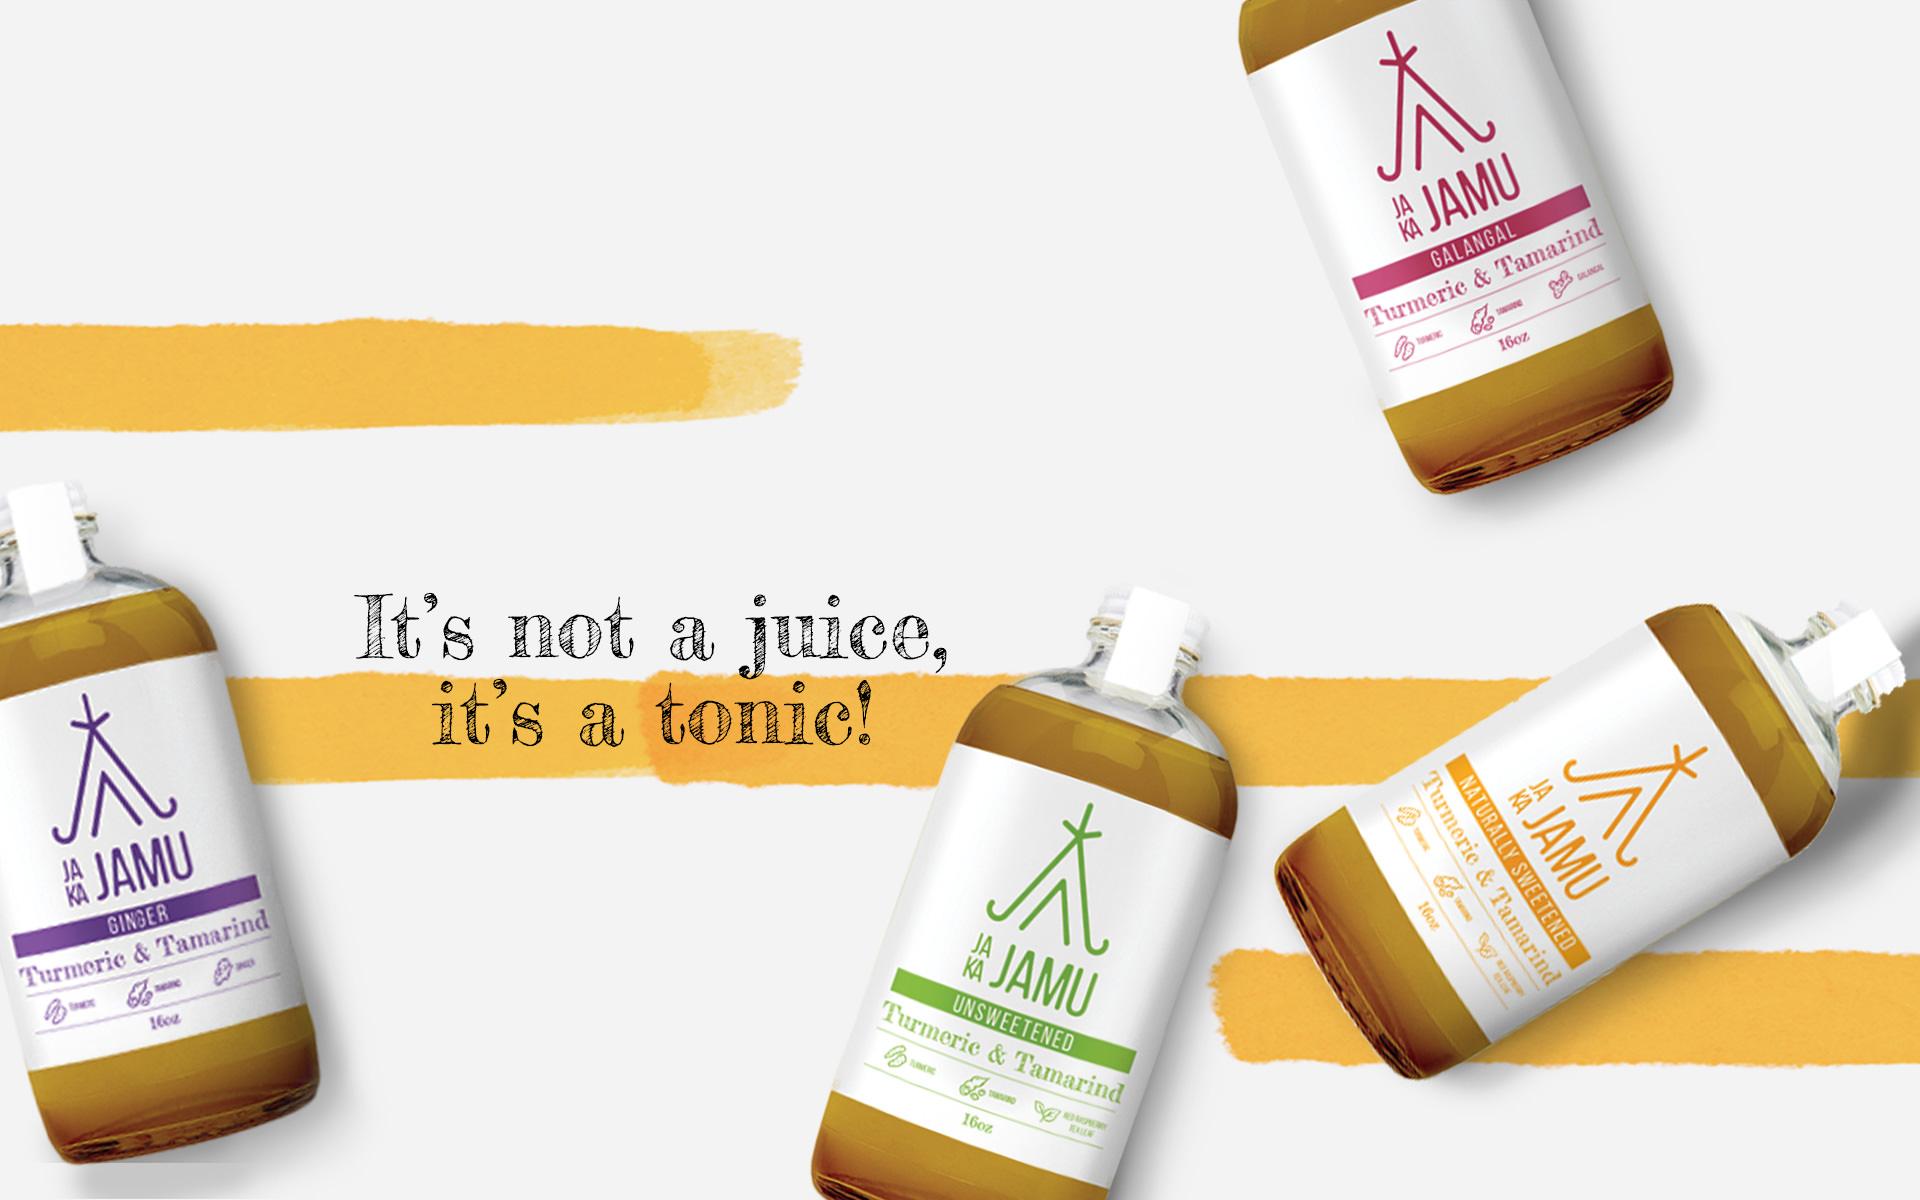 svad studio jaka jamu packaging design for a tonic drink